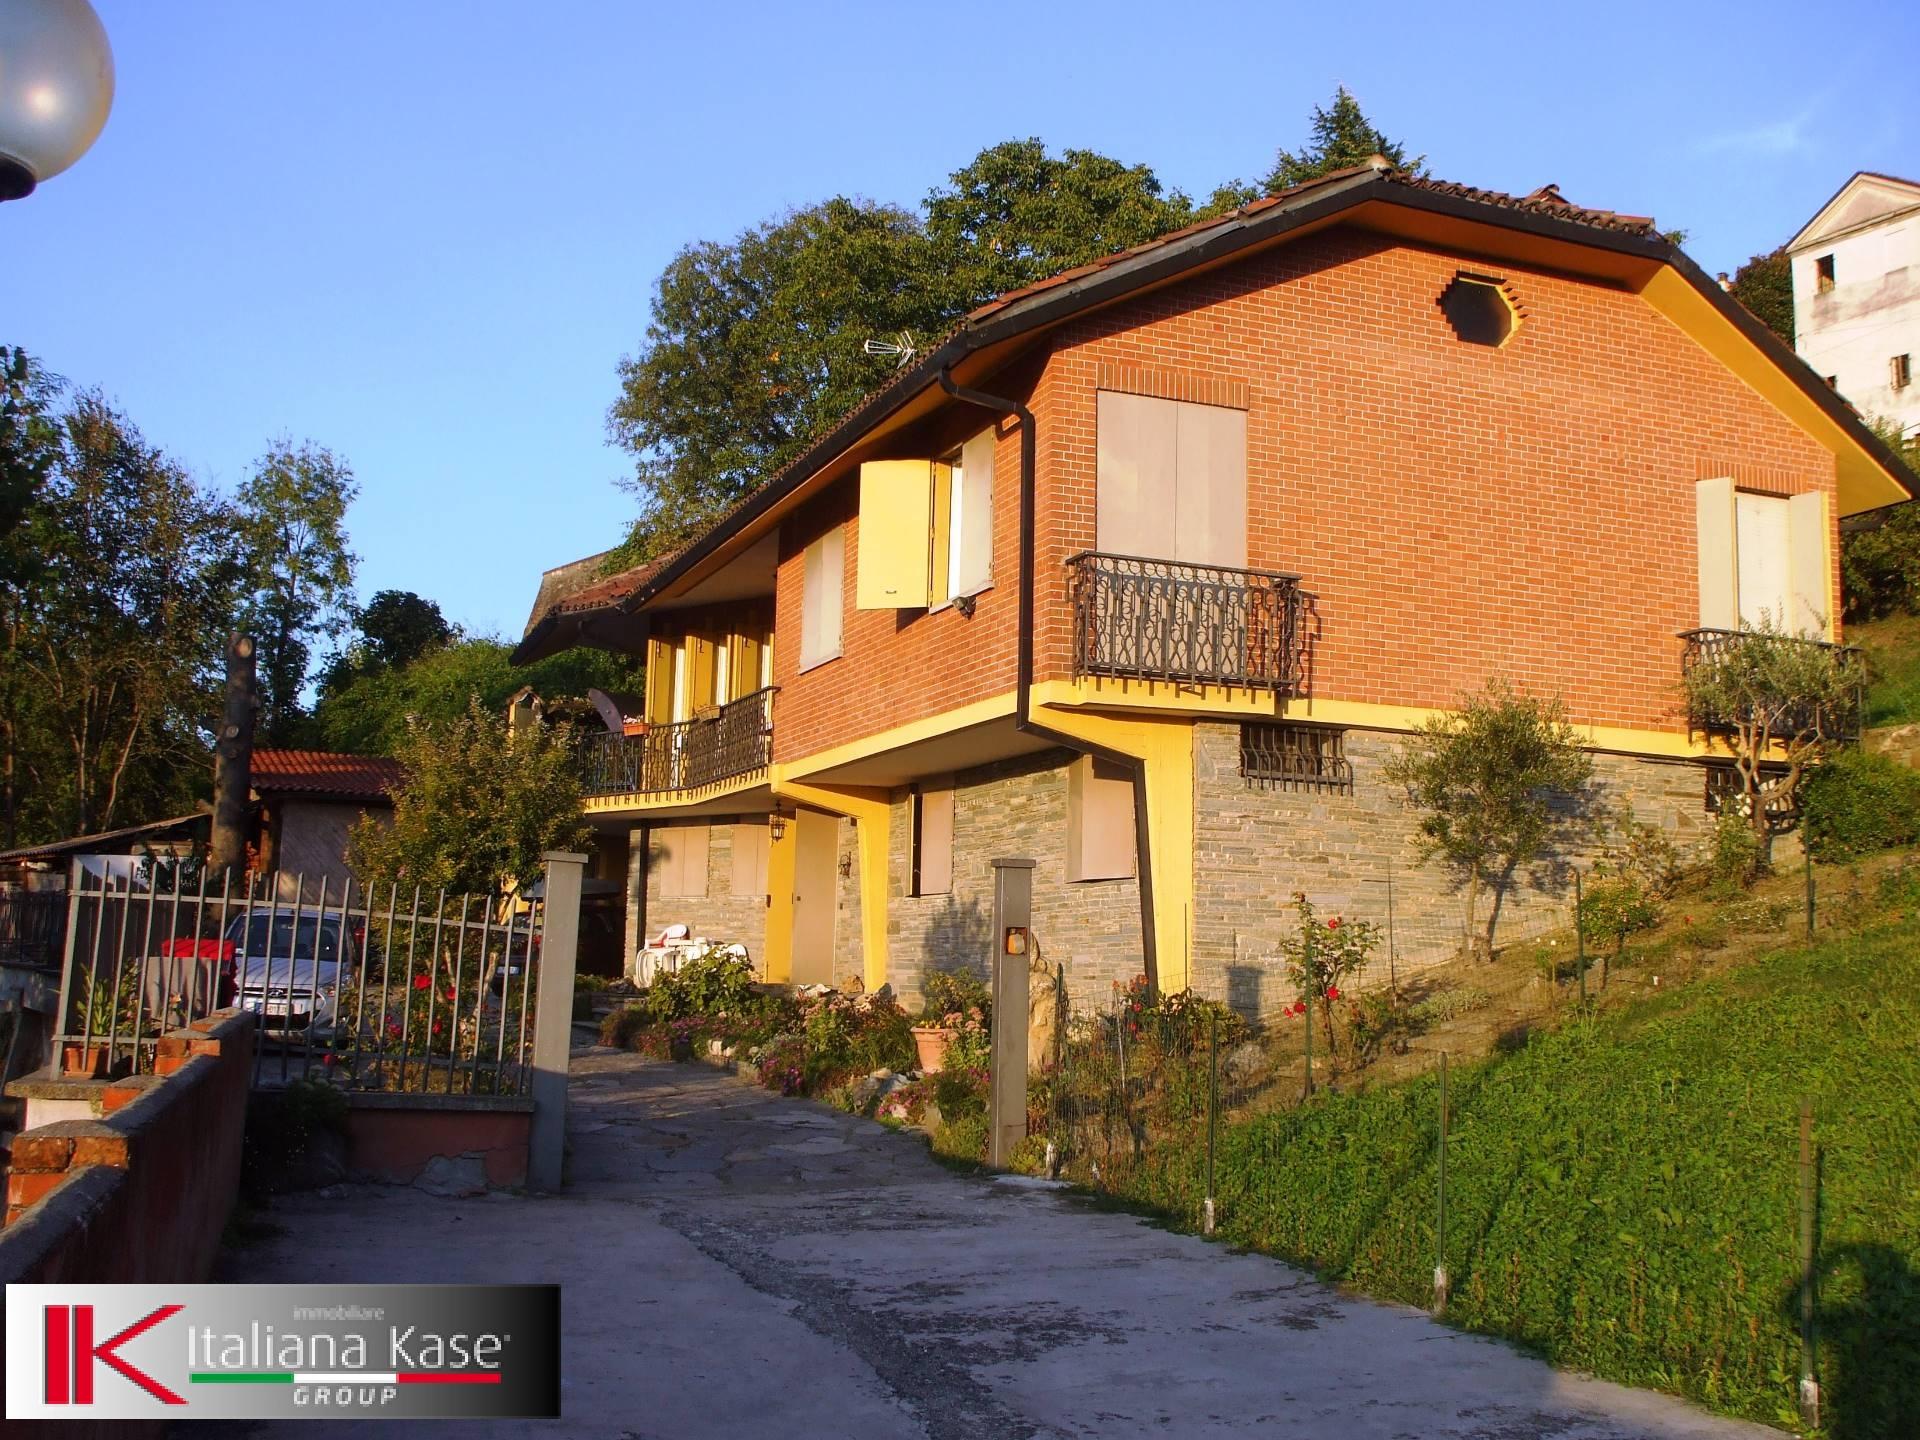 Soluzione Indipendente in vendita a Castiglione Torinese, 10 locali, prezzo € 415.000 | CambioCasa.it